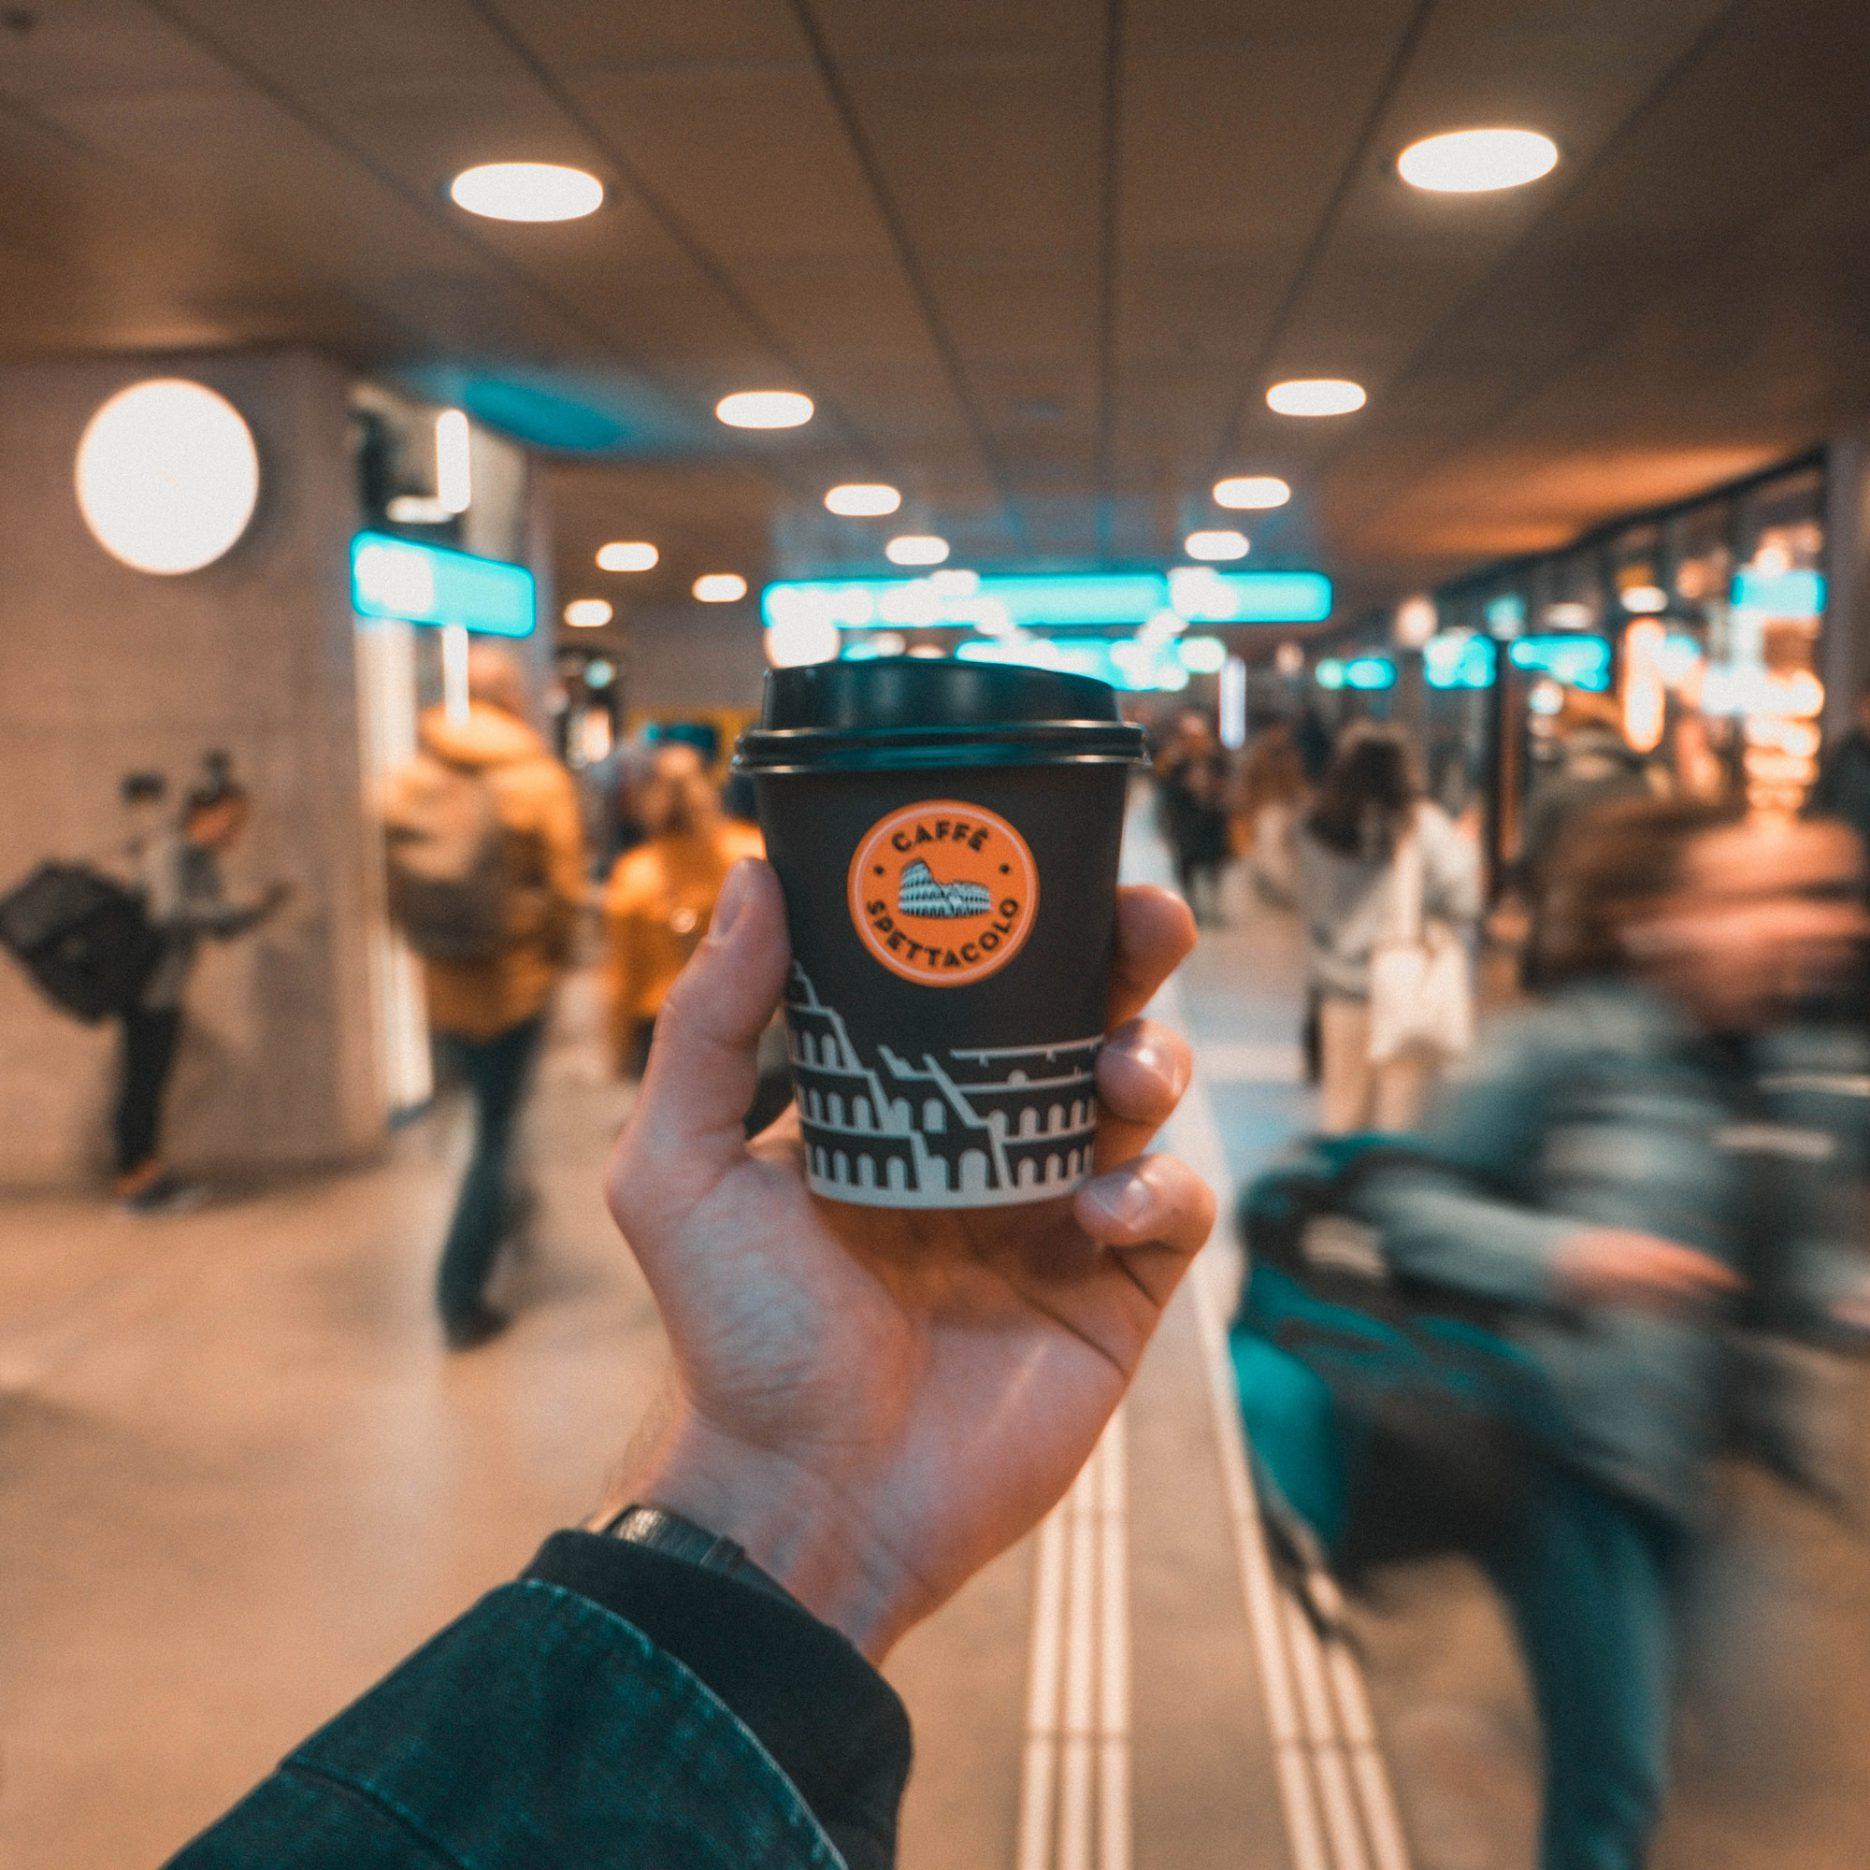 kaffeekampagne